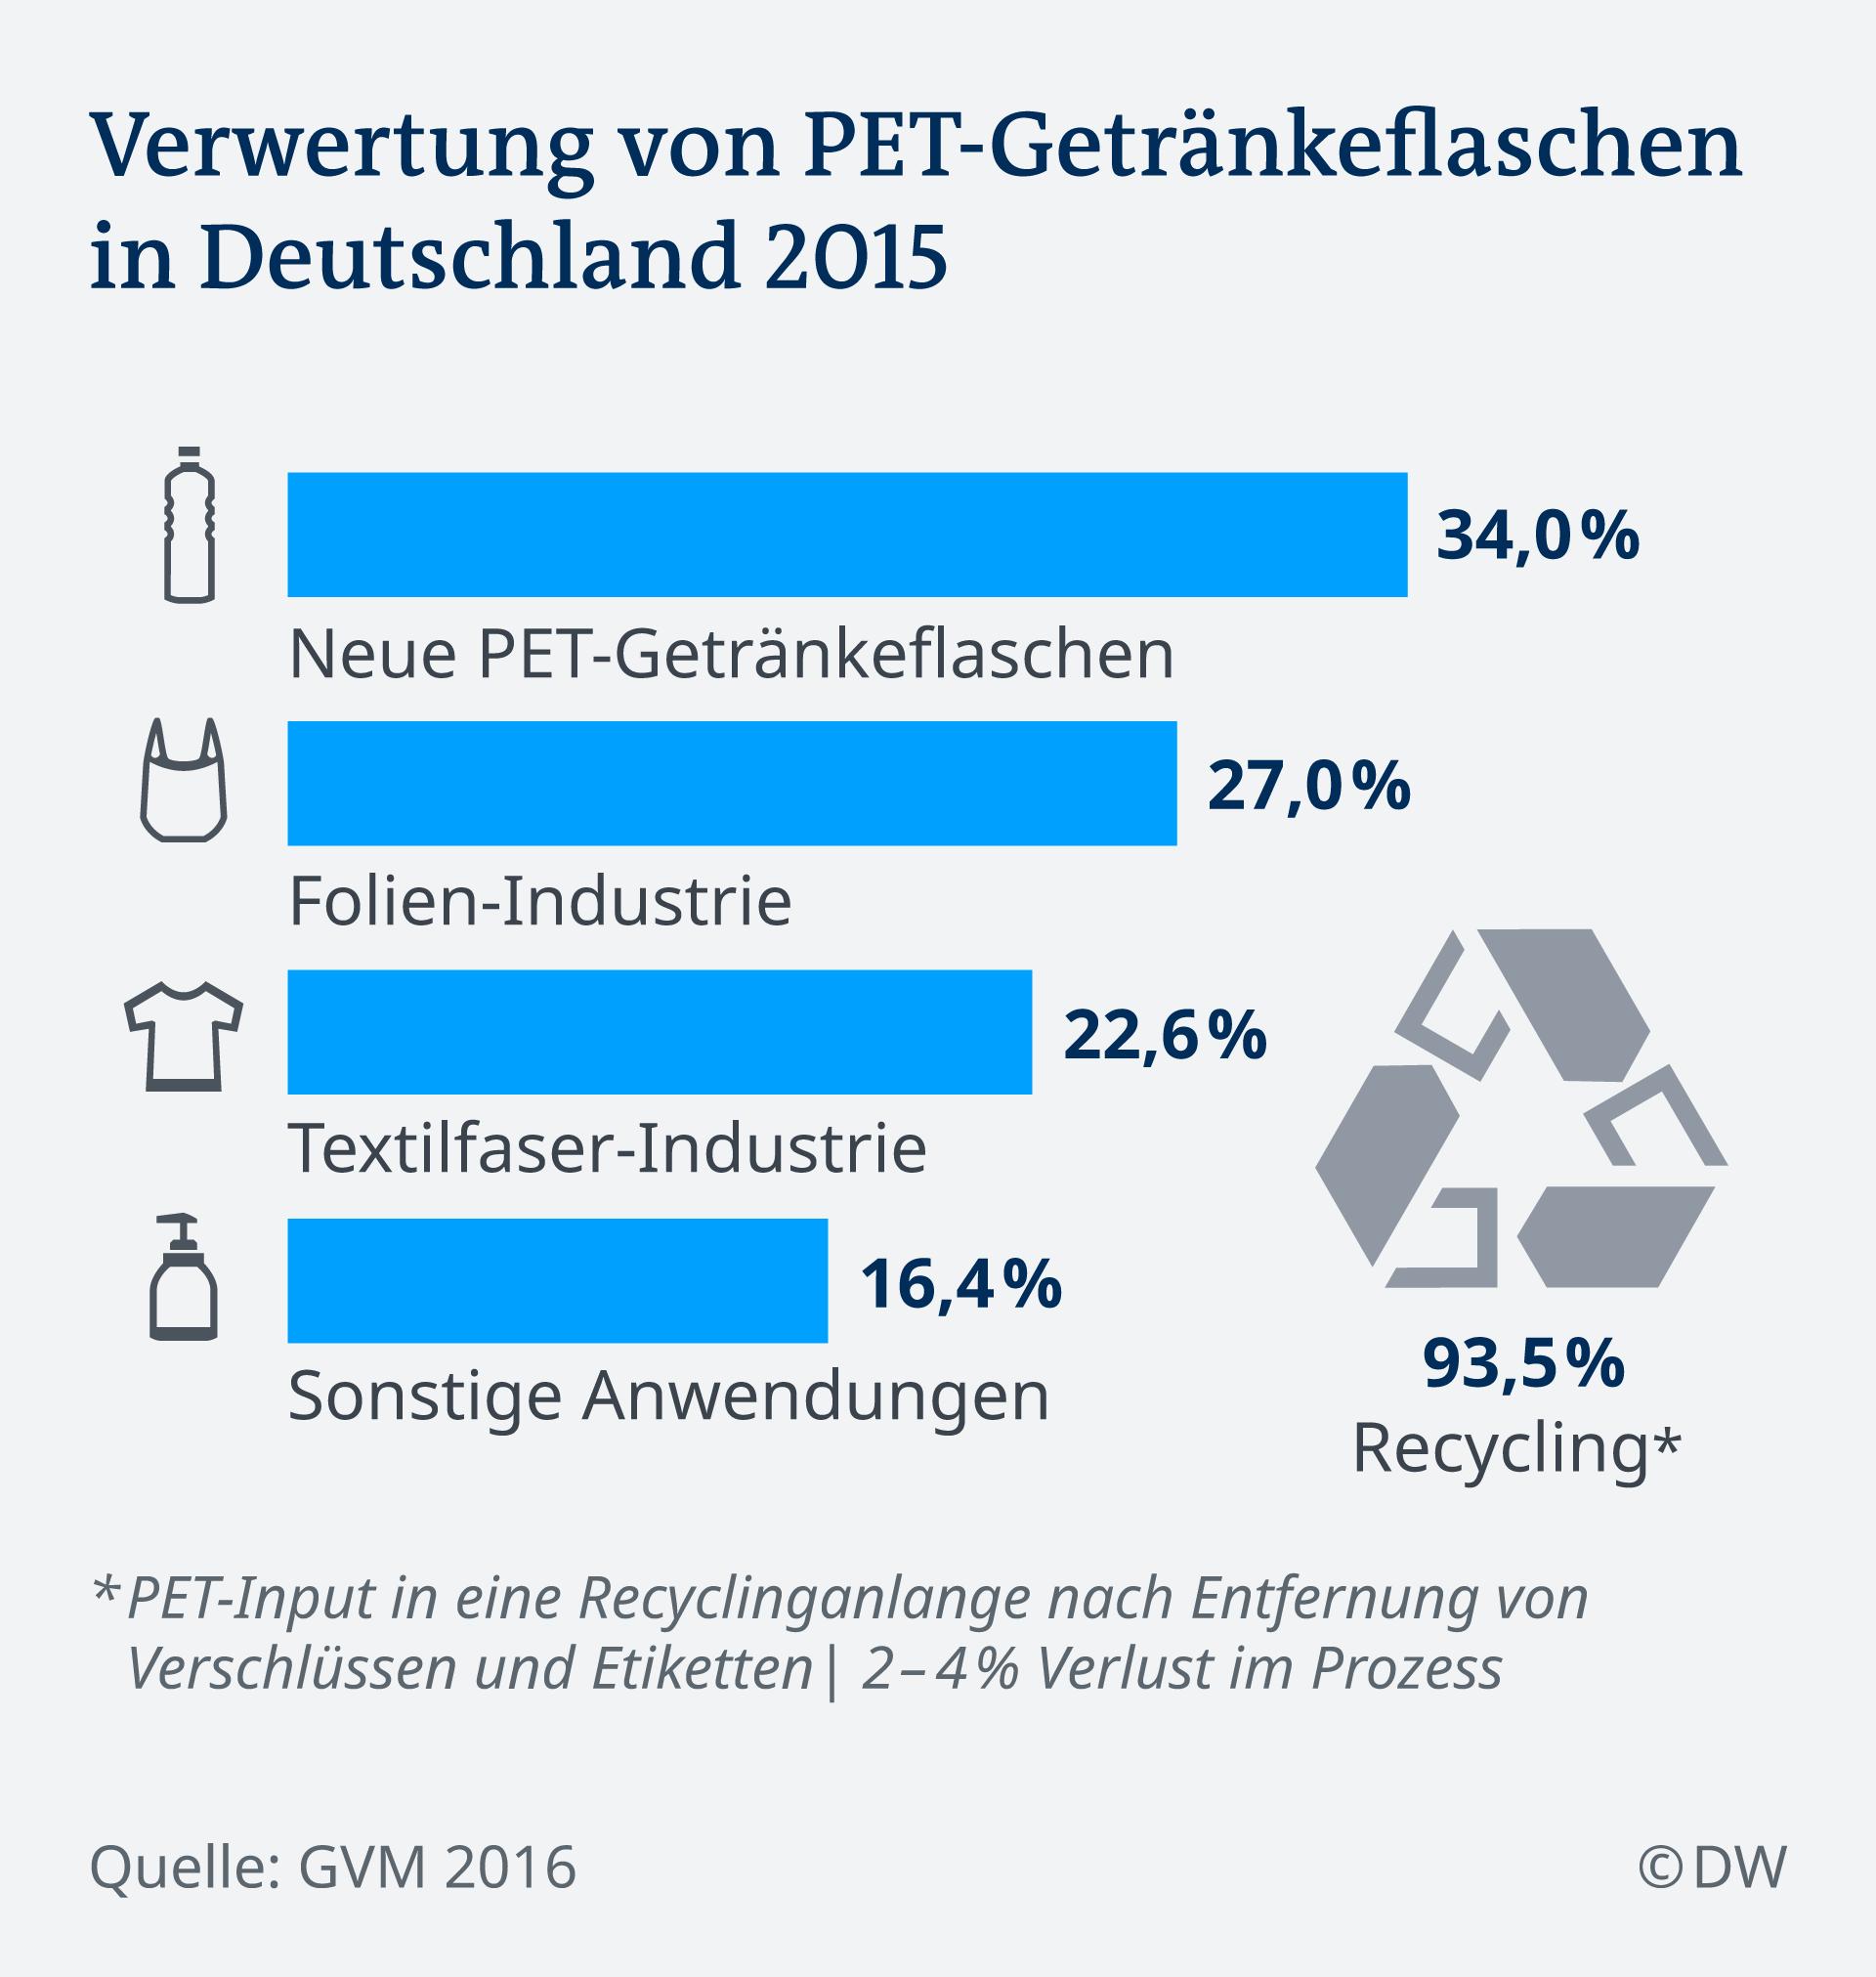 Infografik Verwertung von PET-Getränkeflaschen in Deutschland 2015 DE